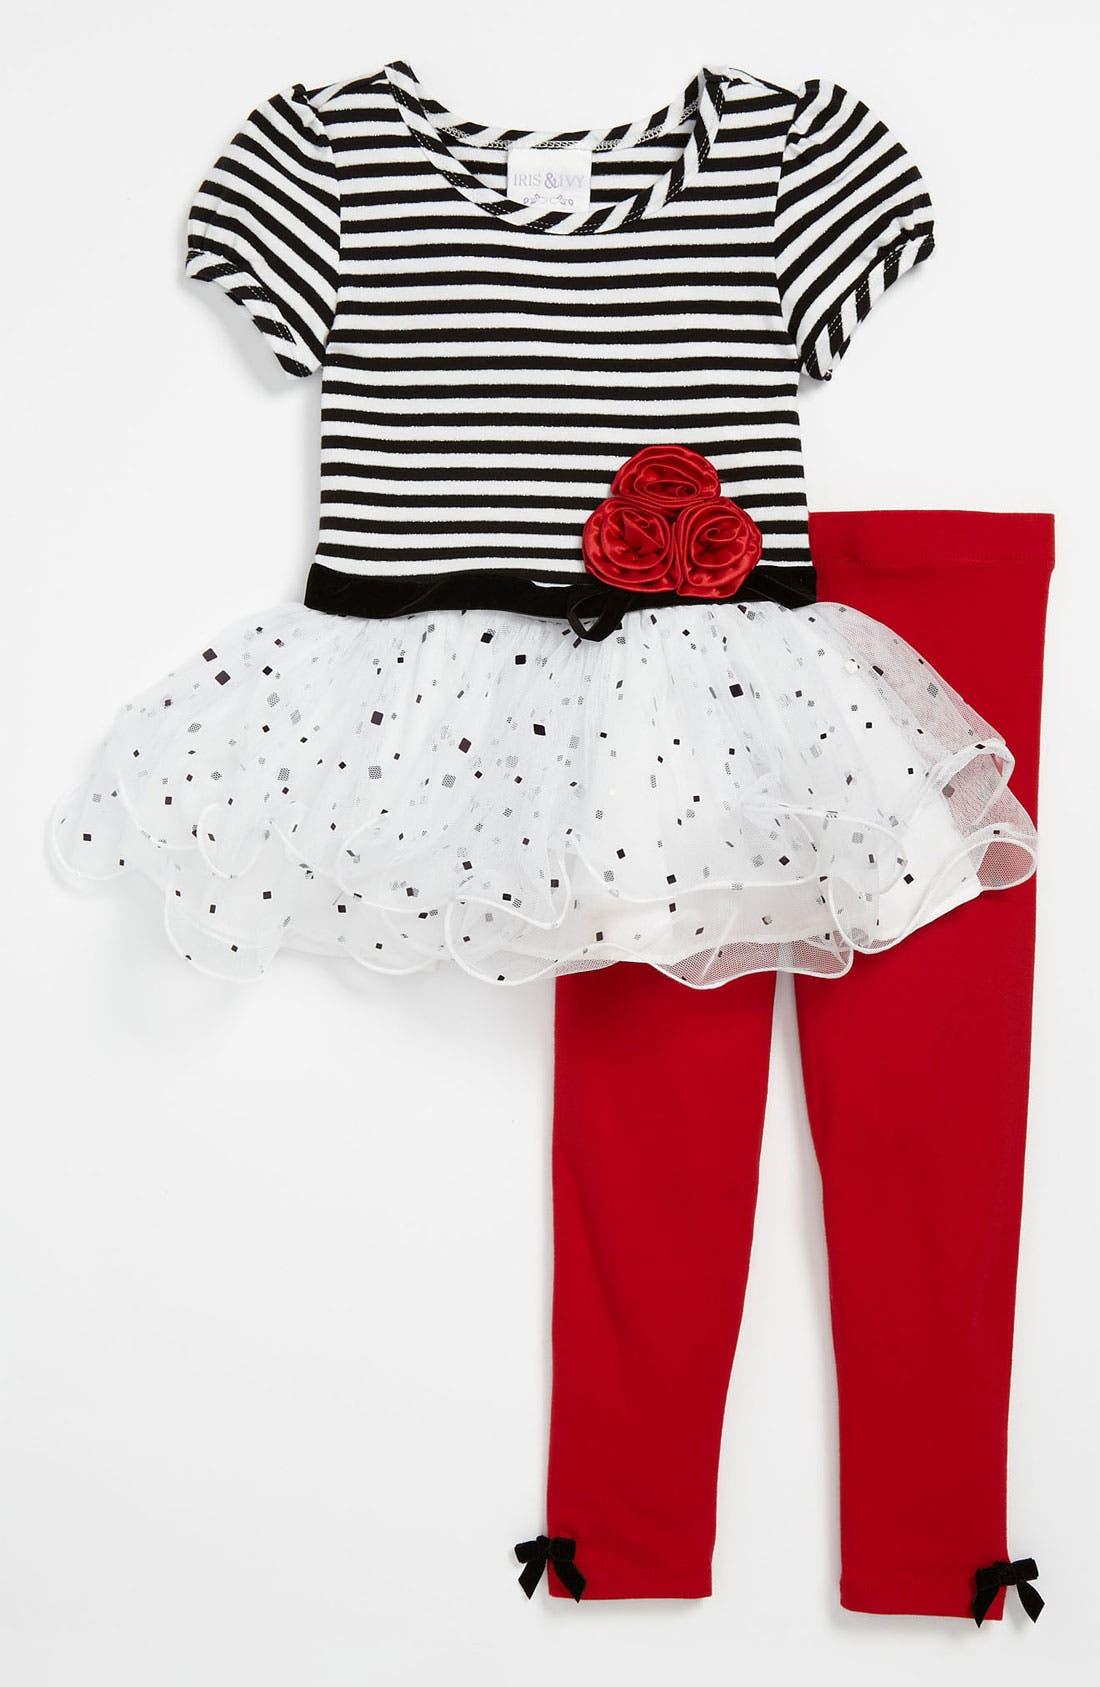 Main Image - Iris & Ivy Stripe Dress & Leggings (Toddler)